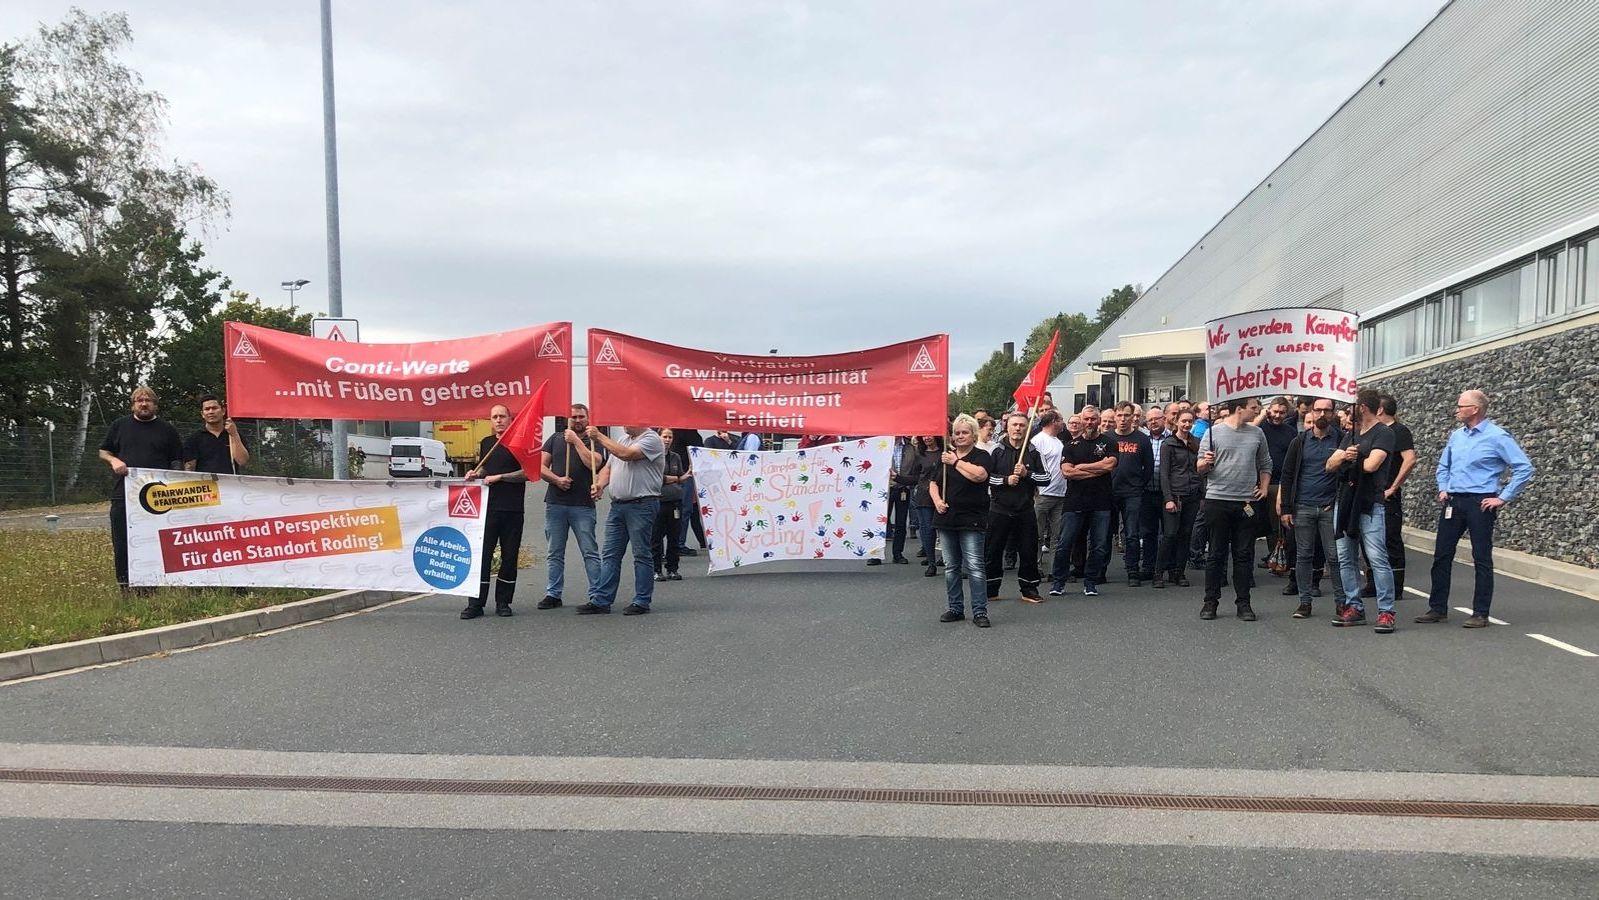 Conti-Mitarbeiter protestieren gegen Werksschließung.